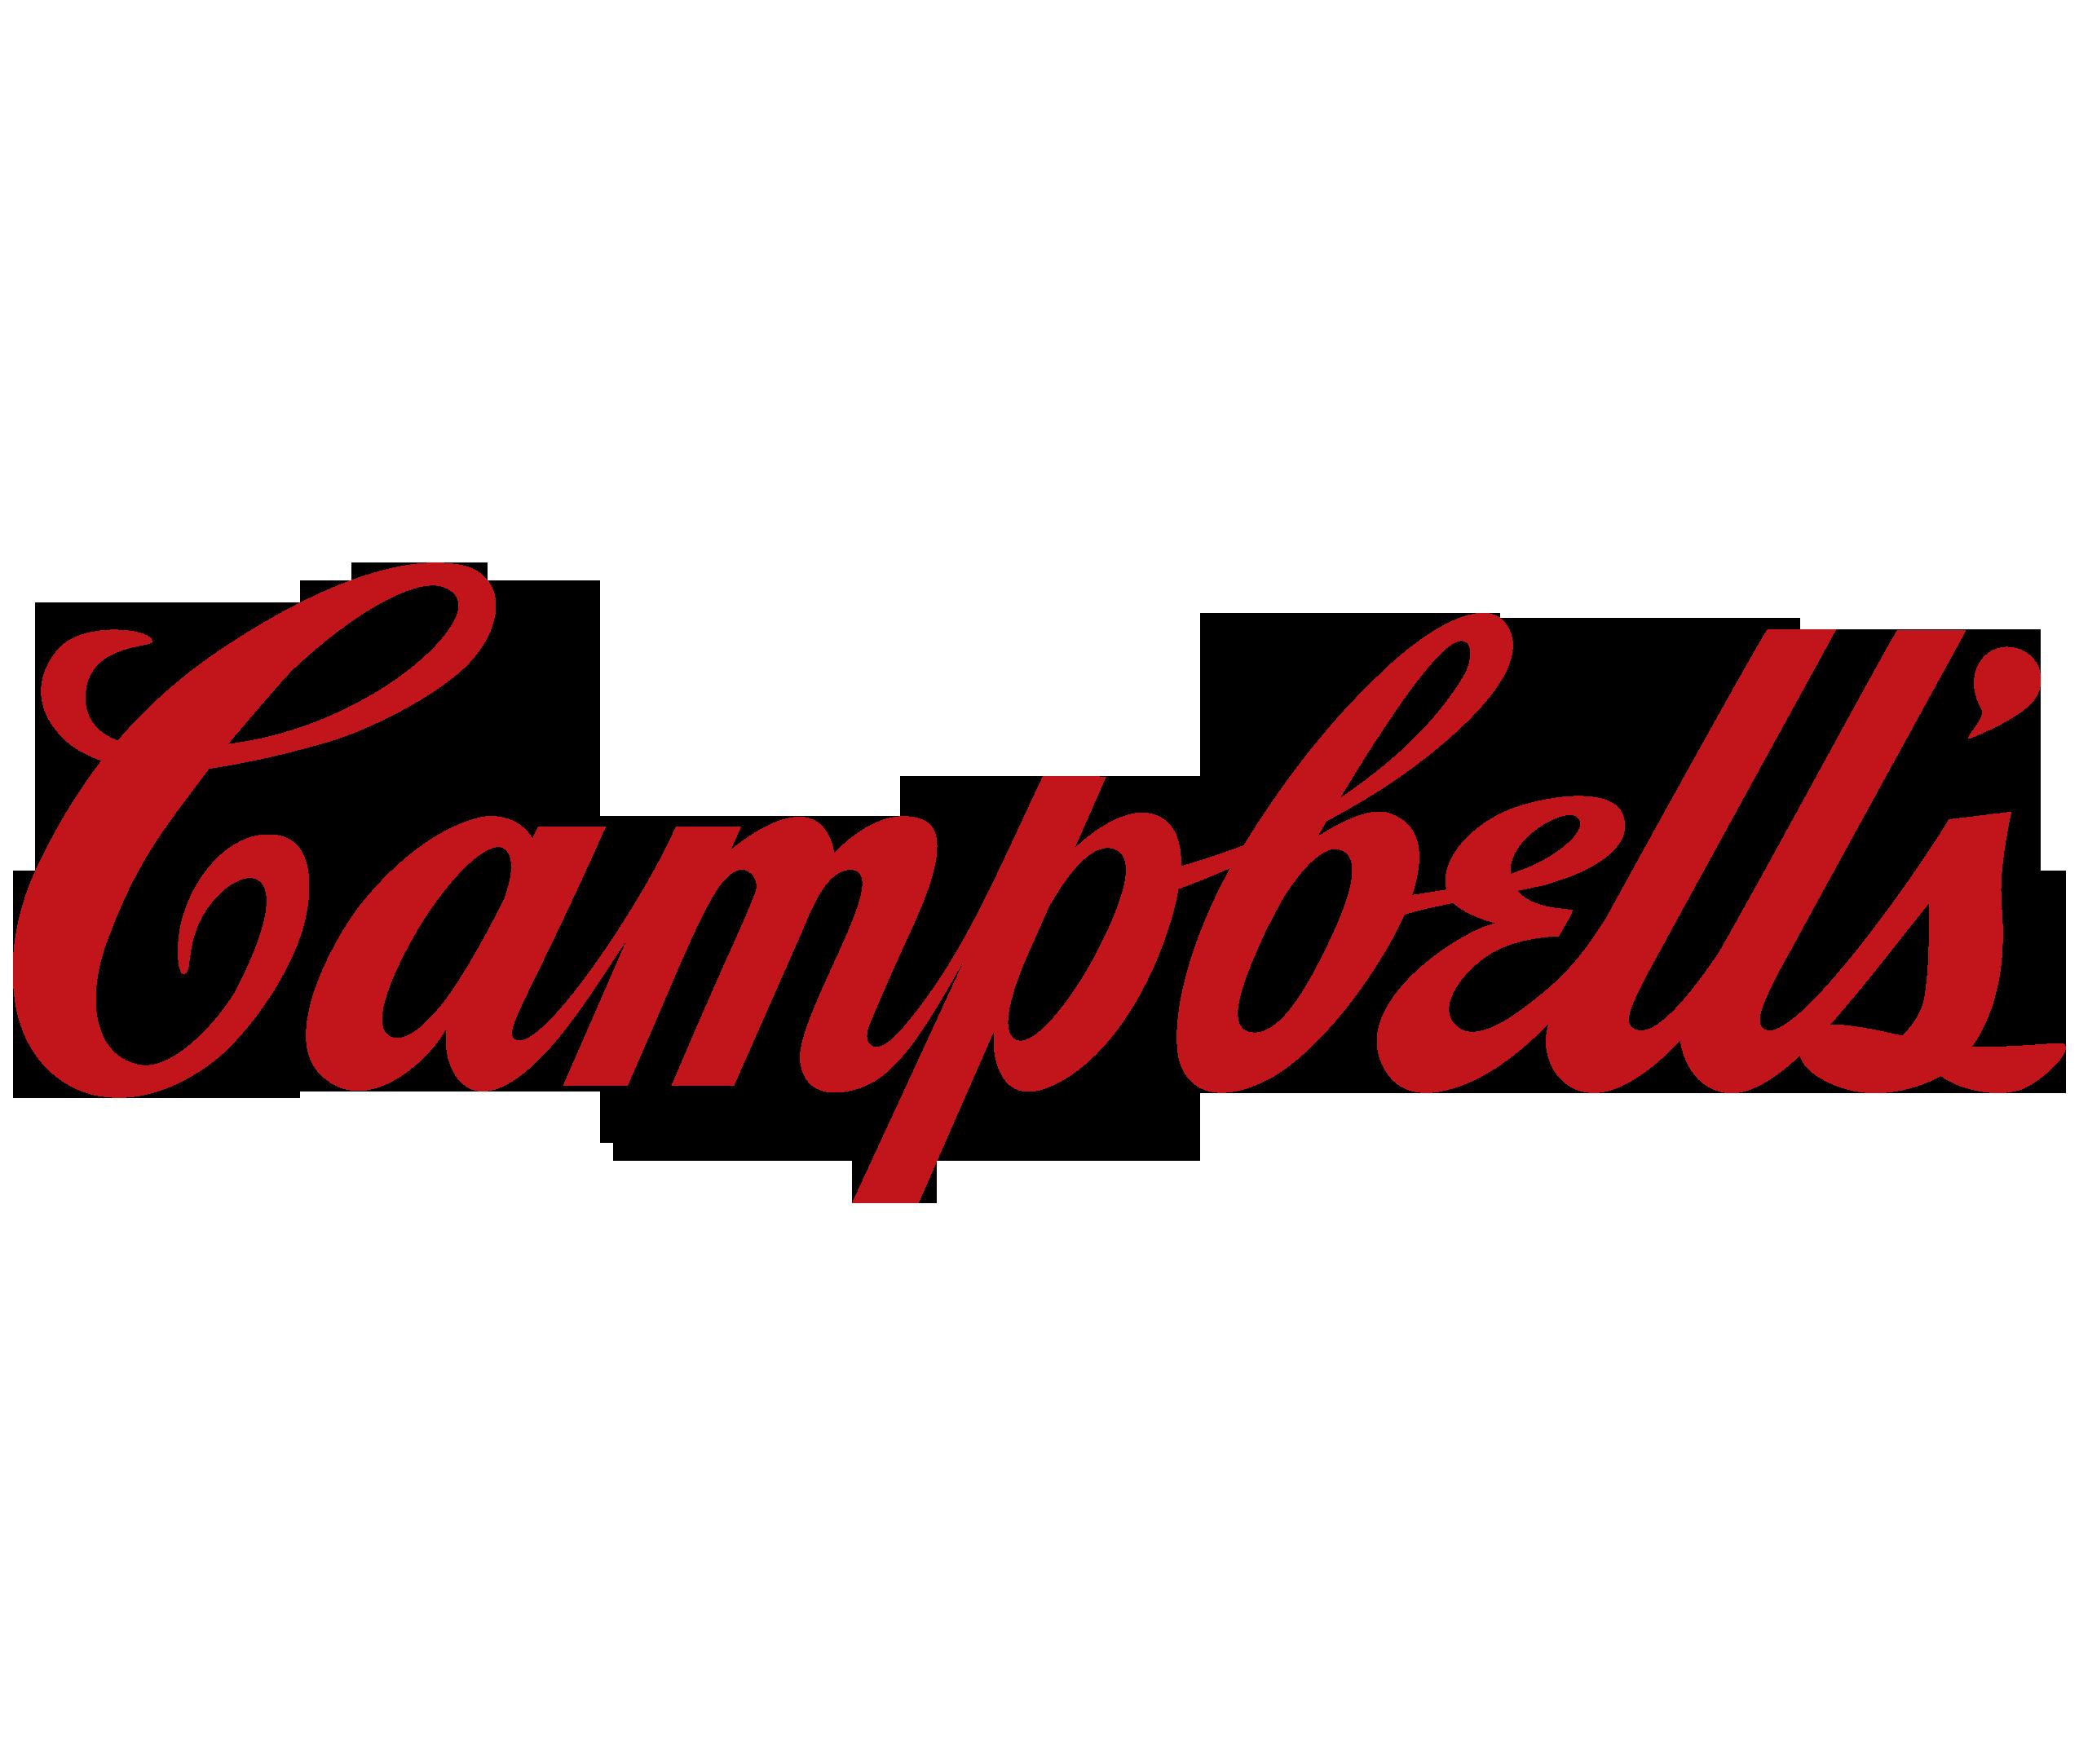 Campbells Logo Wallpaper